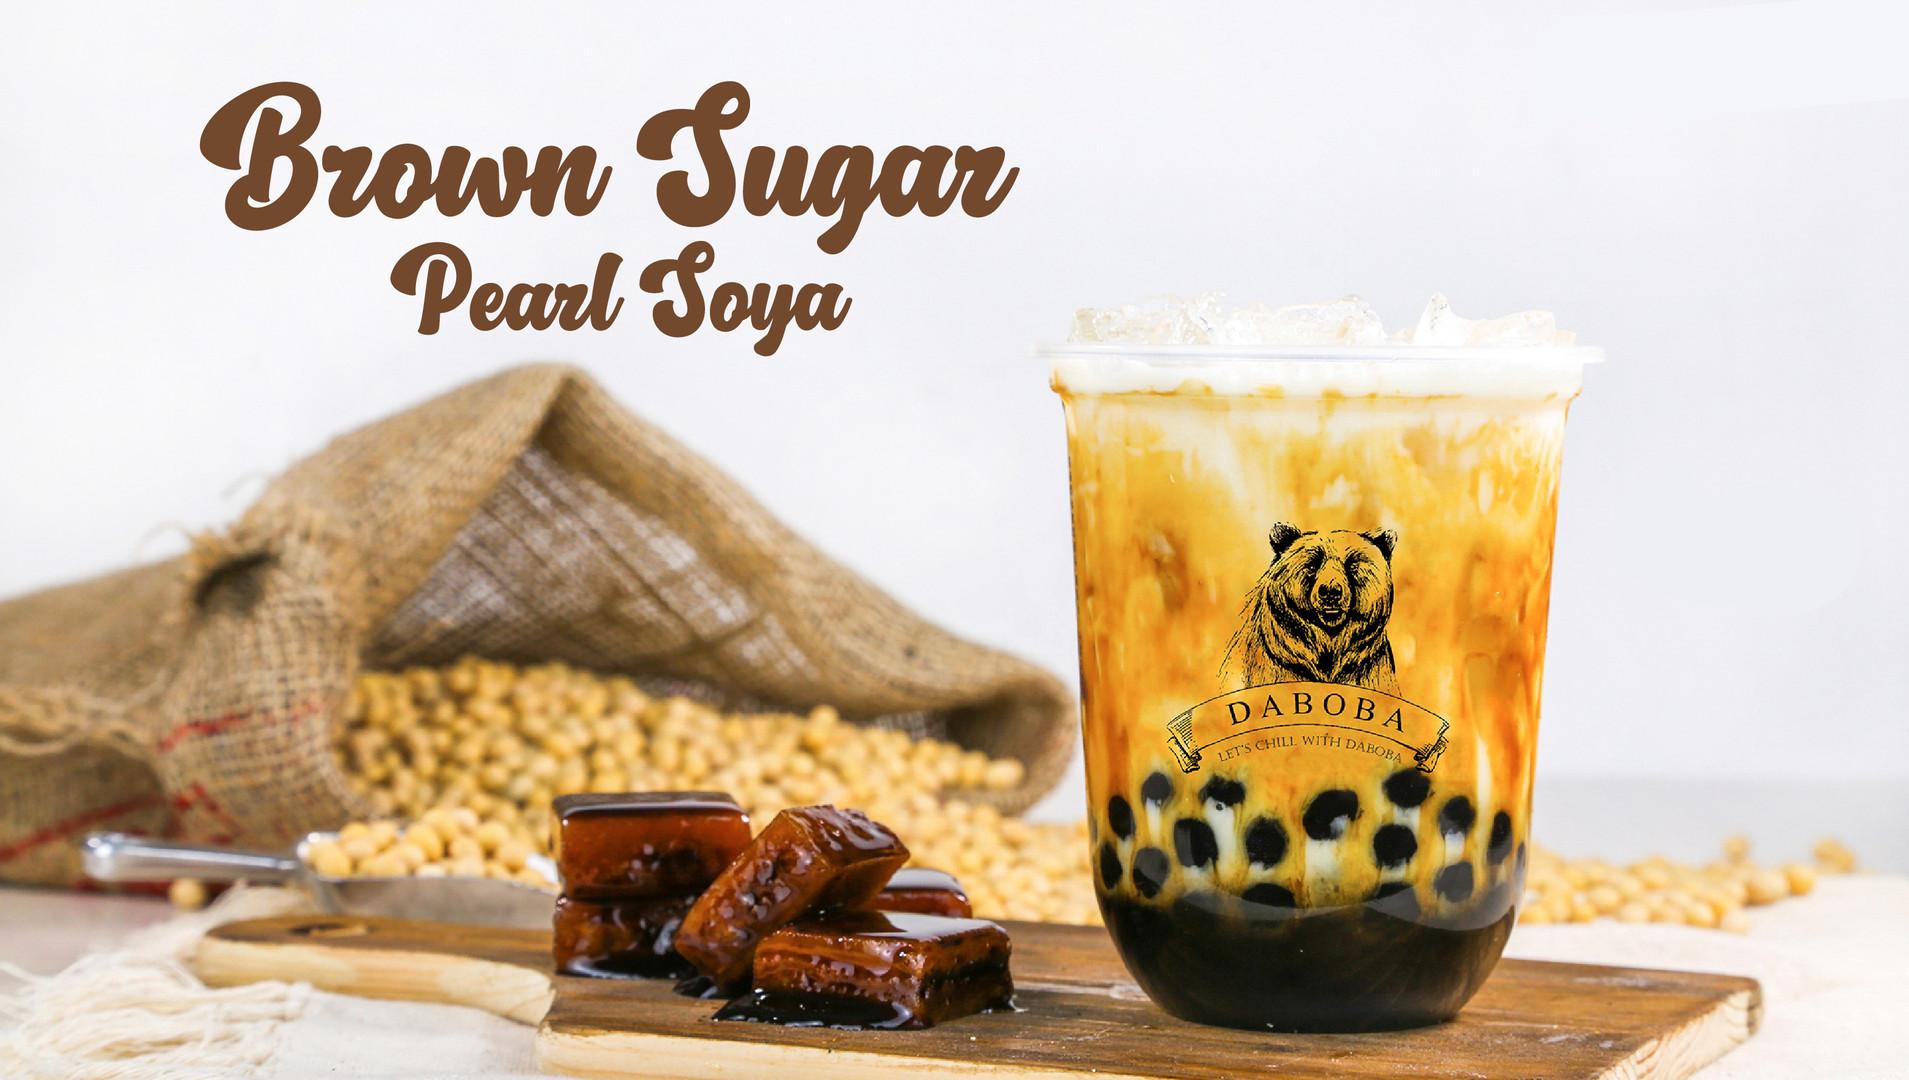 Brown Sugar Pearl Soya